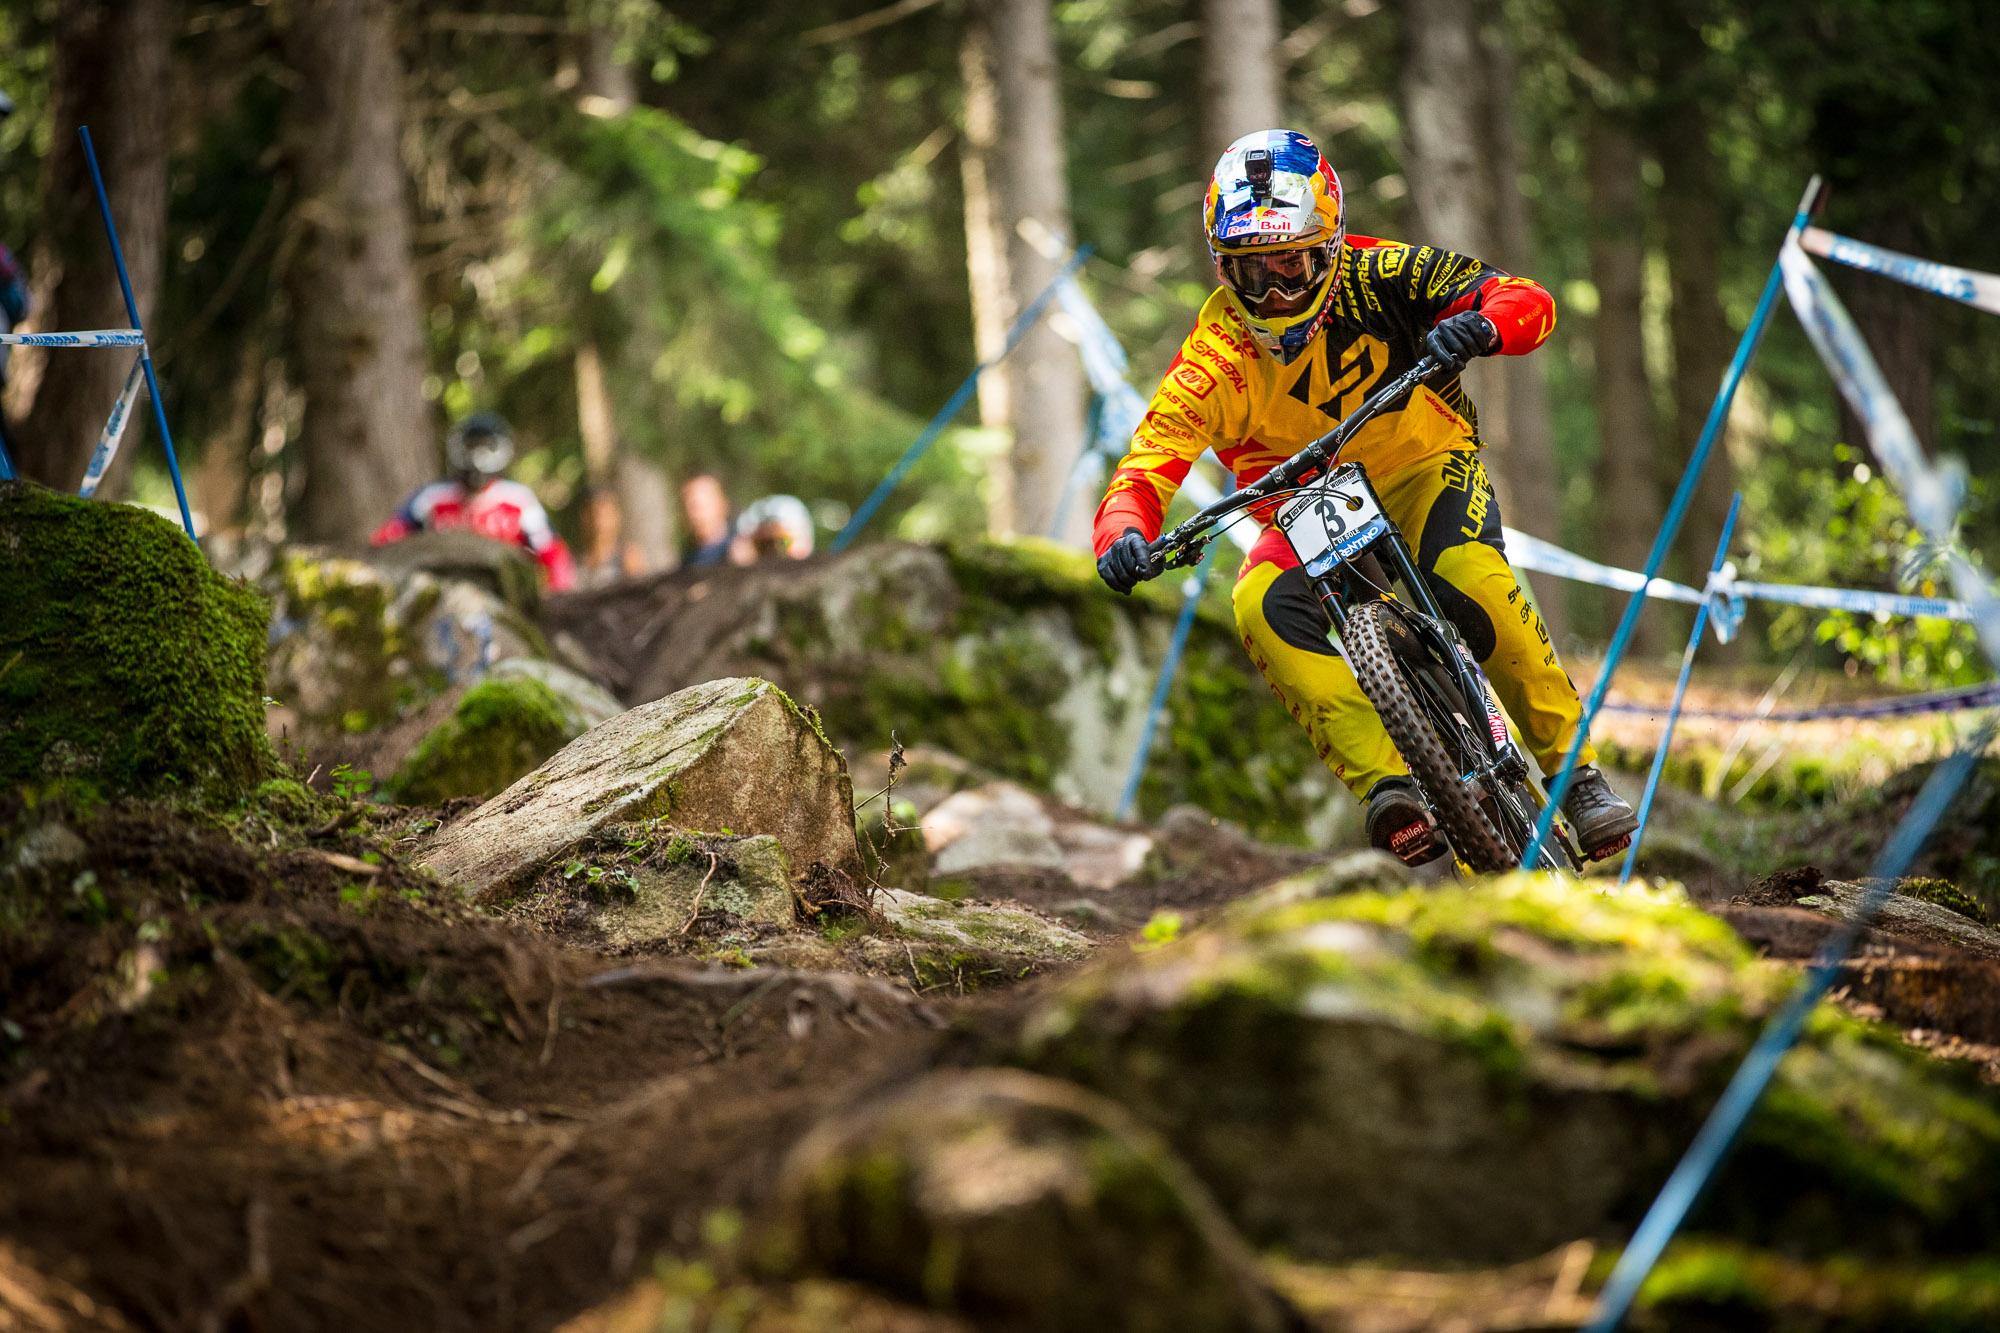 Die magische 2! Loic Bruni wird in Val di Sole wieder einmal Zweiter und darf sich am Ende auch Vize World Cup Champion 2015 nennen.  Foto: Seb Schieck